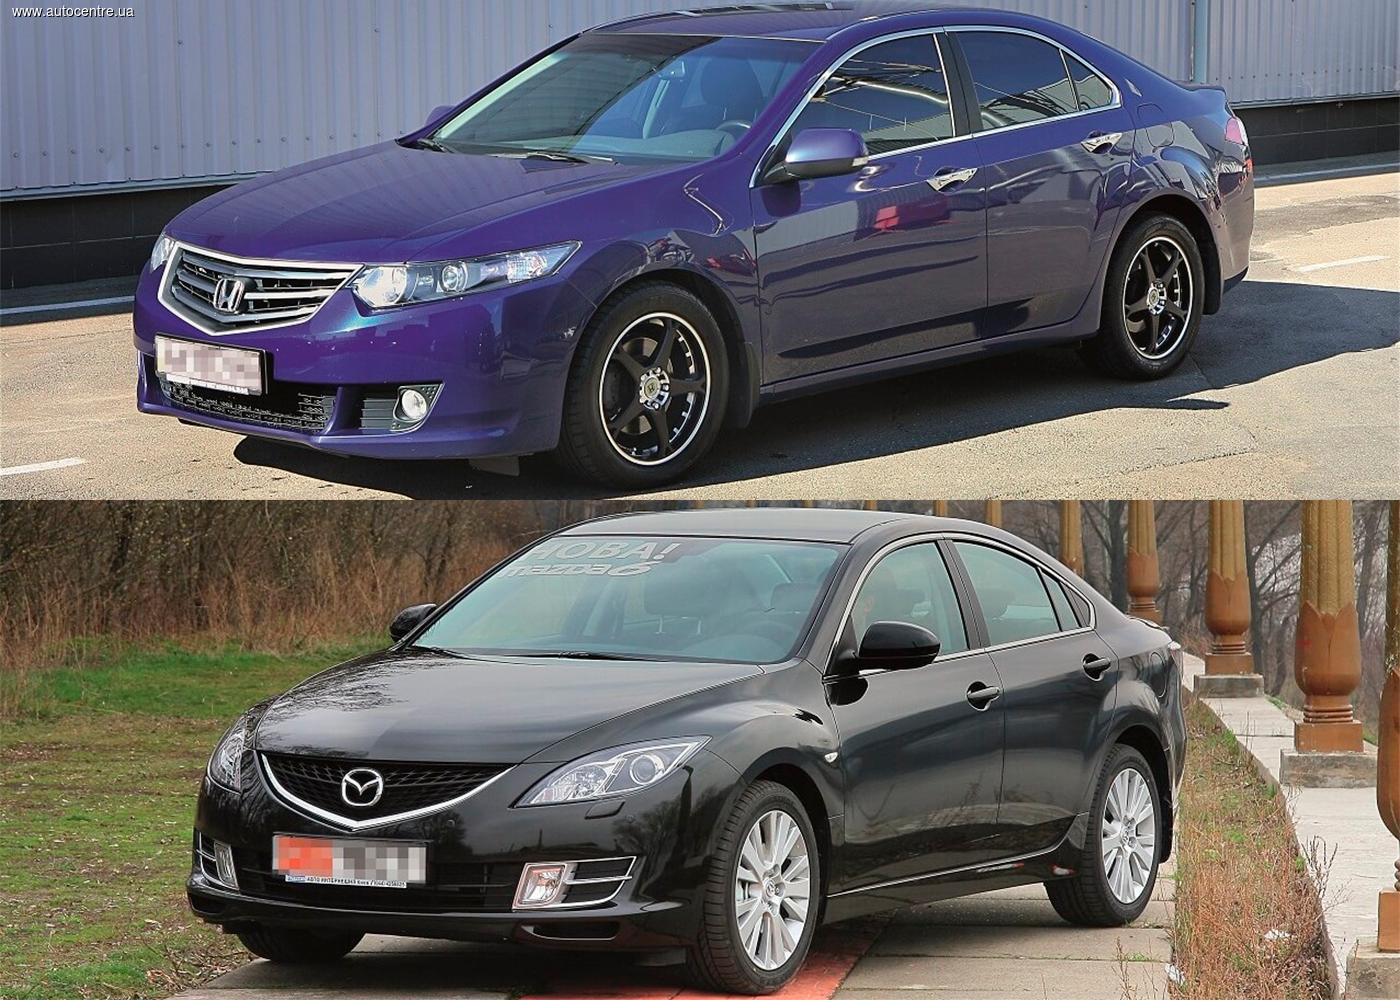 Сравнительный обзор Honda Accord и Mazda6: Идейные конкуренты